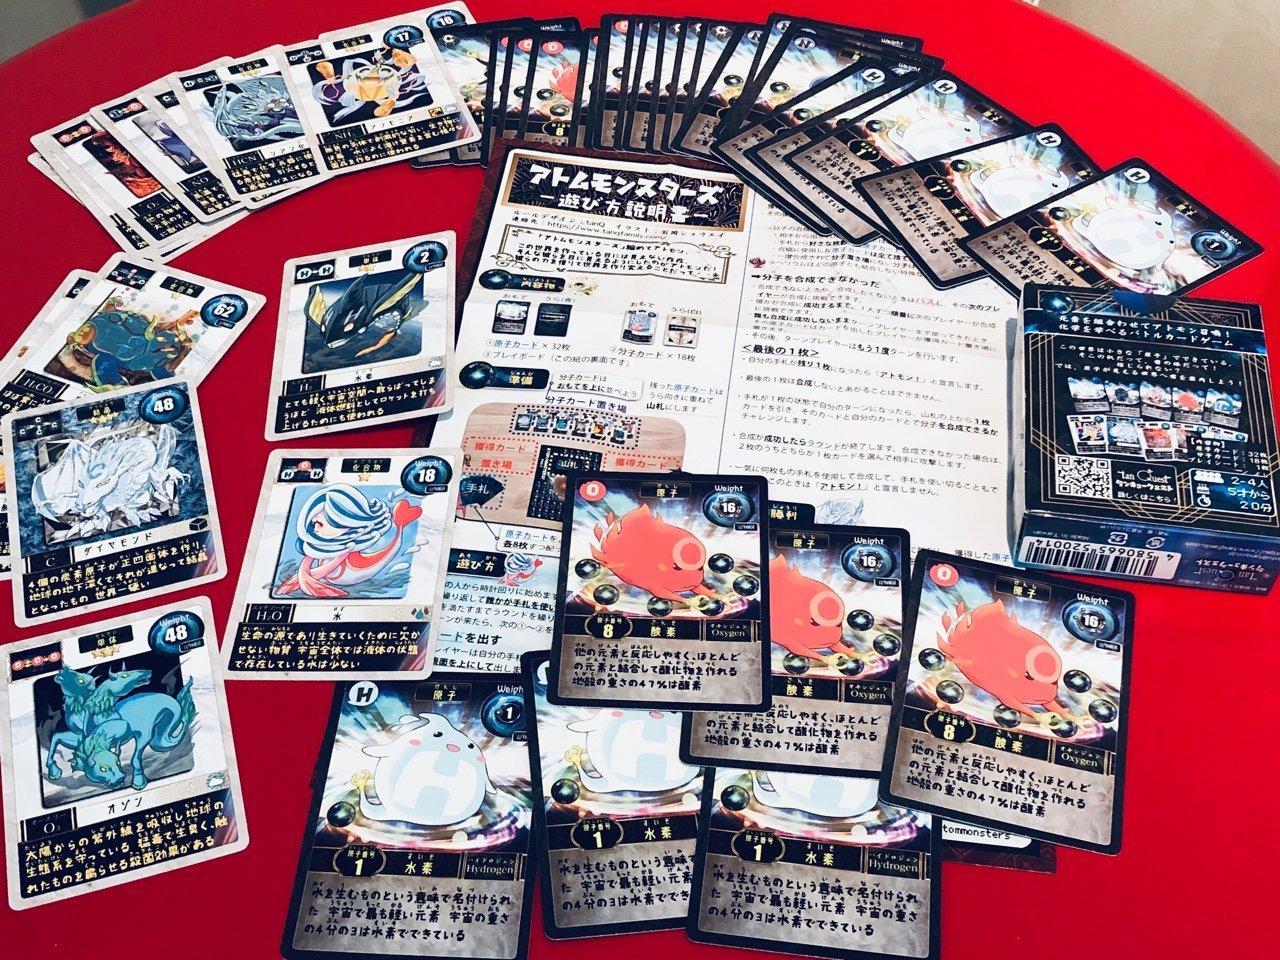 元素を組み合わせて化合物を作るカードゲーム(たぶん)。Amazonマケプレ(製造・販売元)にて1620円で購入。  「2人から4人プレイ」 「5歳から大人まで」 「一度のプレイは10〜20分程度」  アトモン!ゲームで遊びながら元素記号を学べる化学バトルカード! https://t.co/tu5RHkEgNy https://t.co/Xlh3V7NZrT